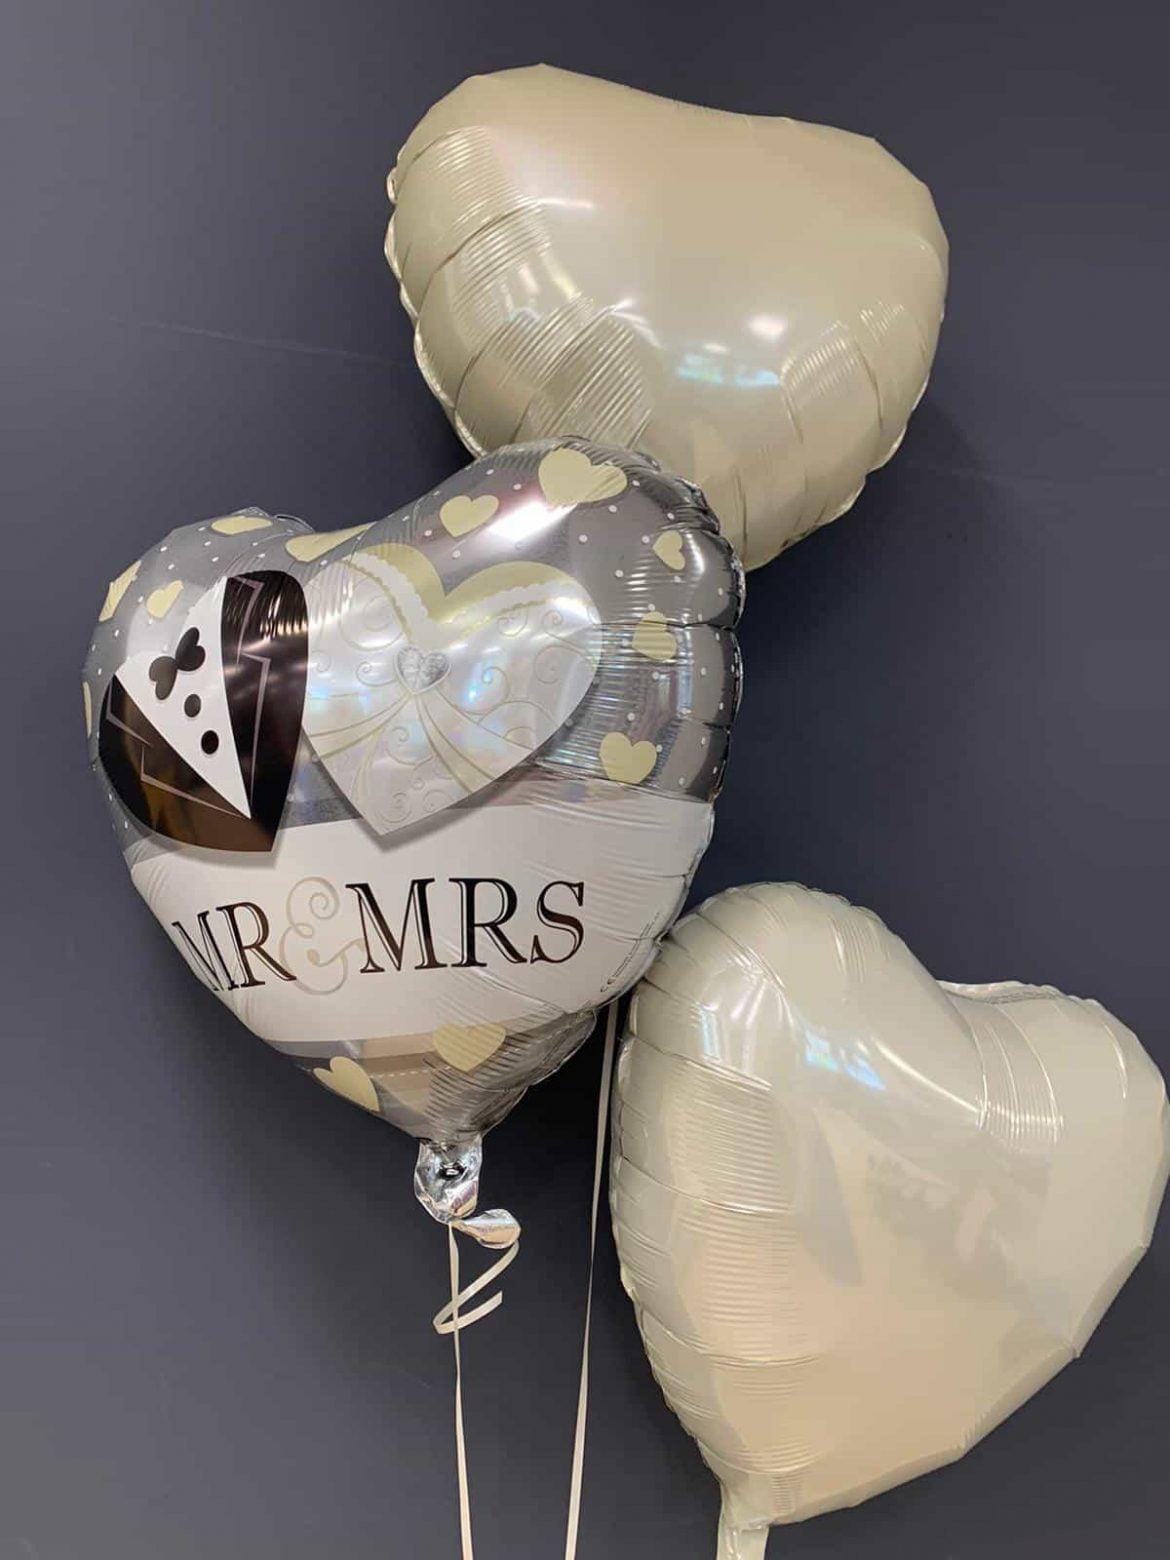 Mr & Mrs Ballon € 5,50<br />Dekoballons €4,50 1